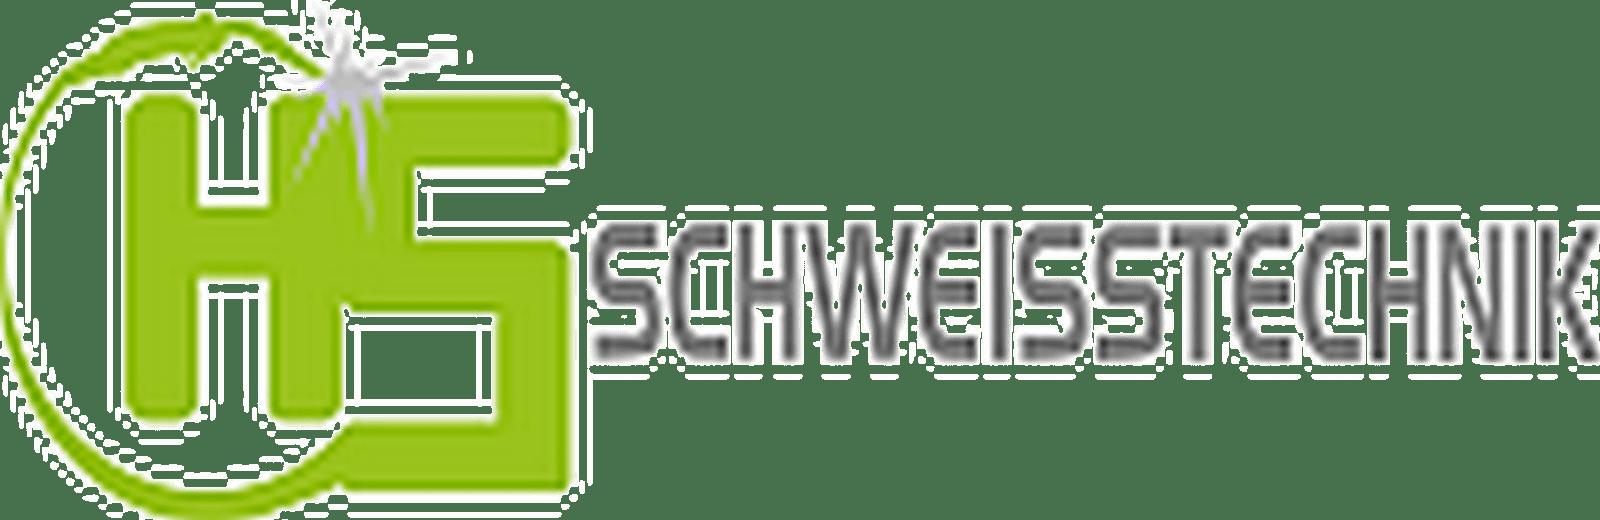 HS Schweisstechnik